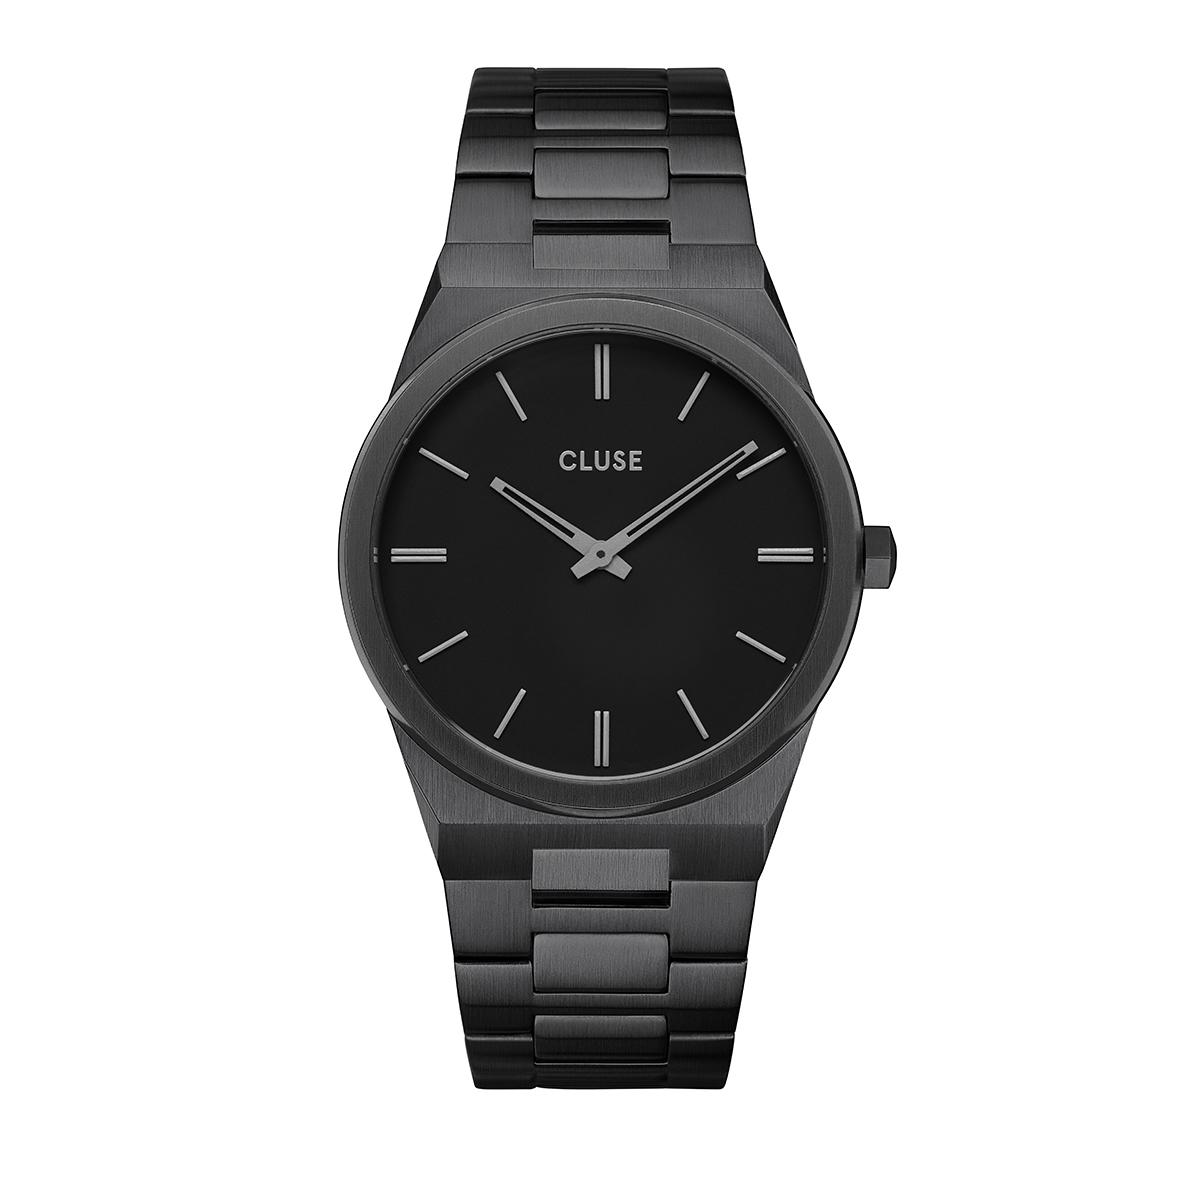 ヴィグルー 40mm メンズ CLUSE クルース 腕時計